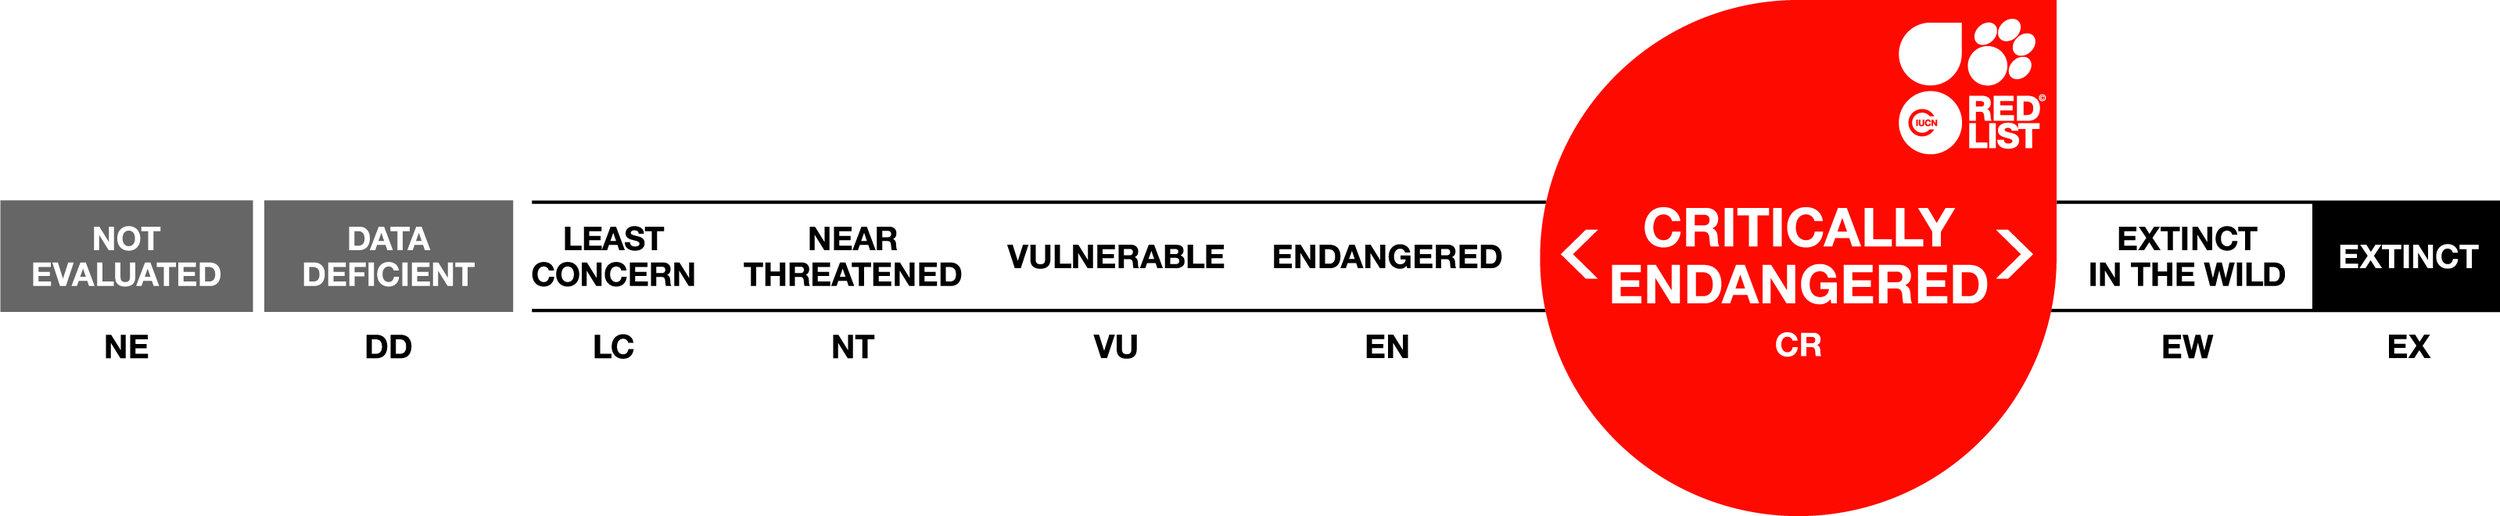 Threat Categories LONG_CR.jpg